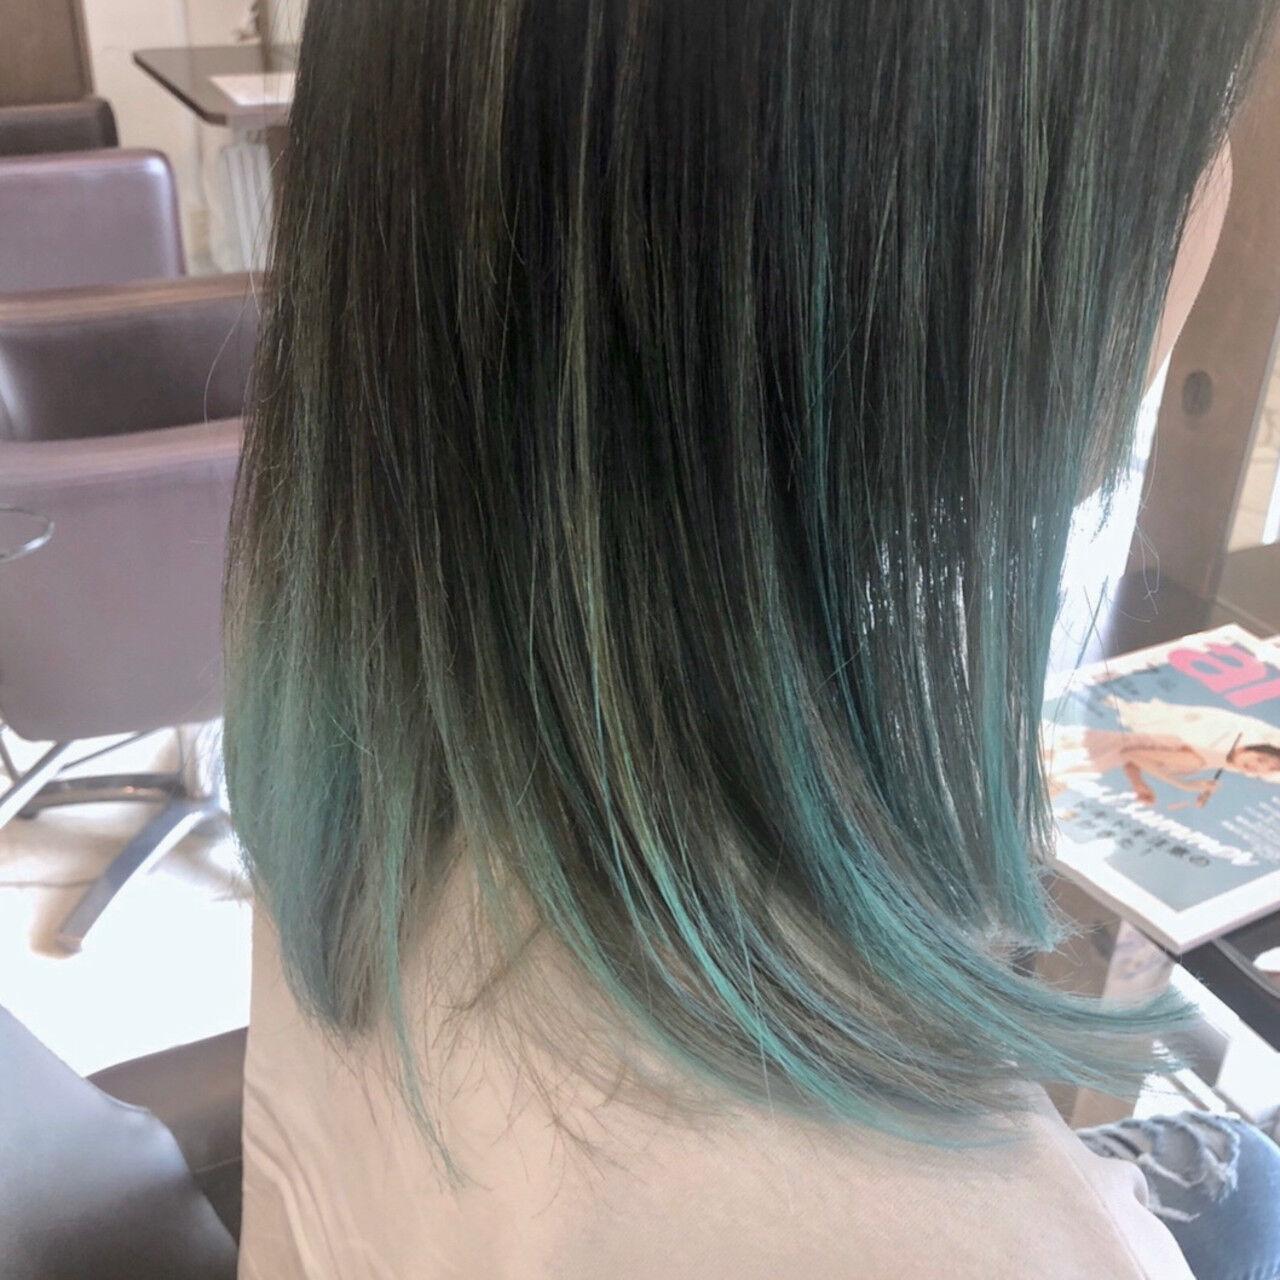 ブリーチカラー インナーカラー グラデーションカラー セミロングヘアスタイルや髪型の写真・画像